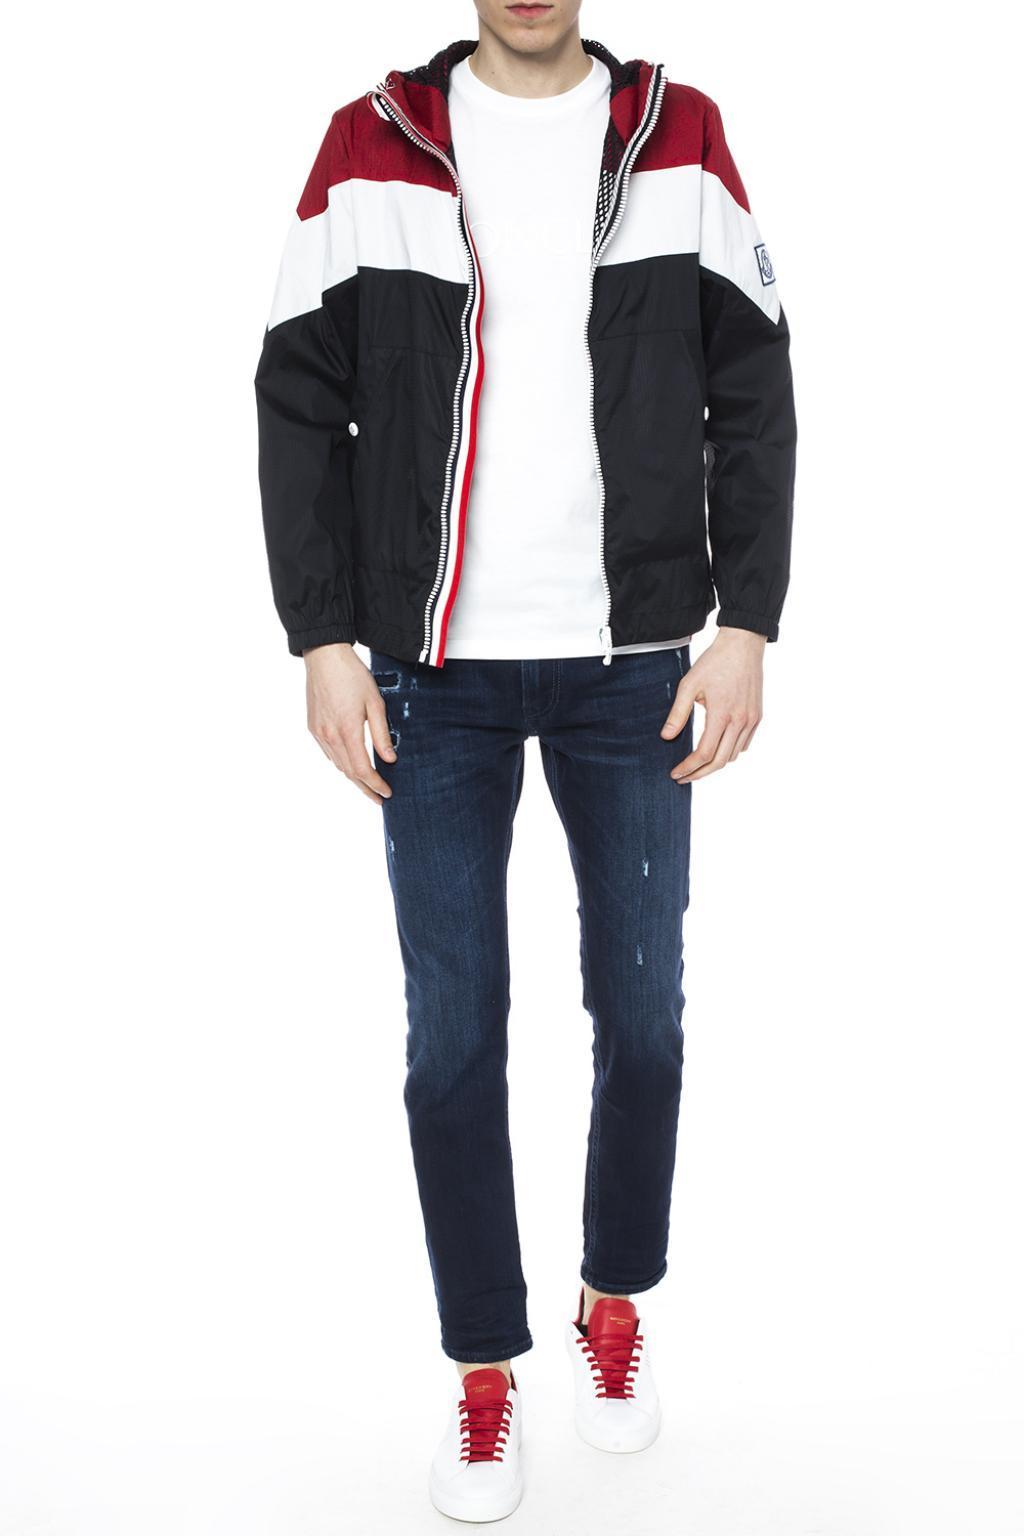 c0438eae7 Lyst - Moncler Hooded Jacket in Black for Men